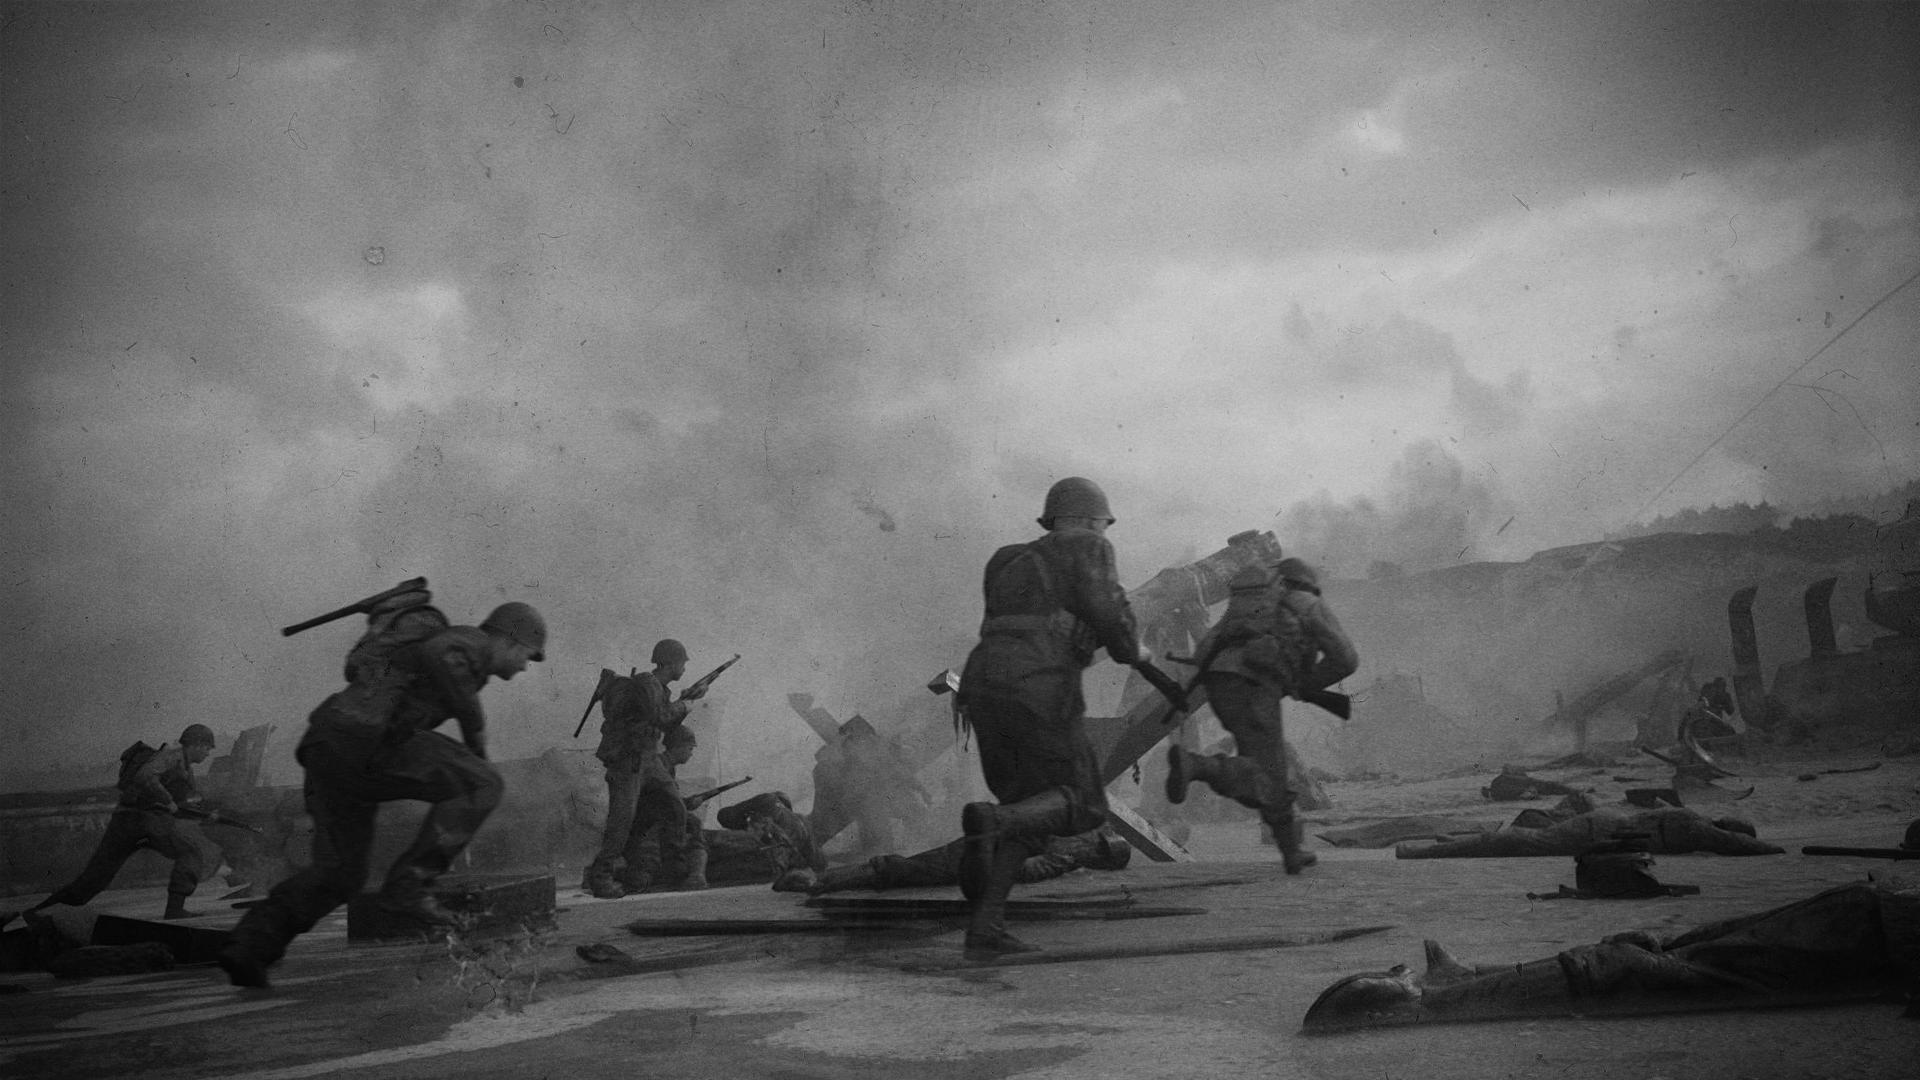 Bildergebnis für d-day images